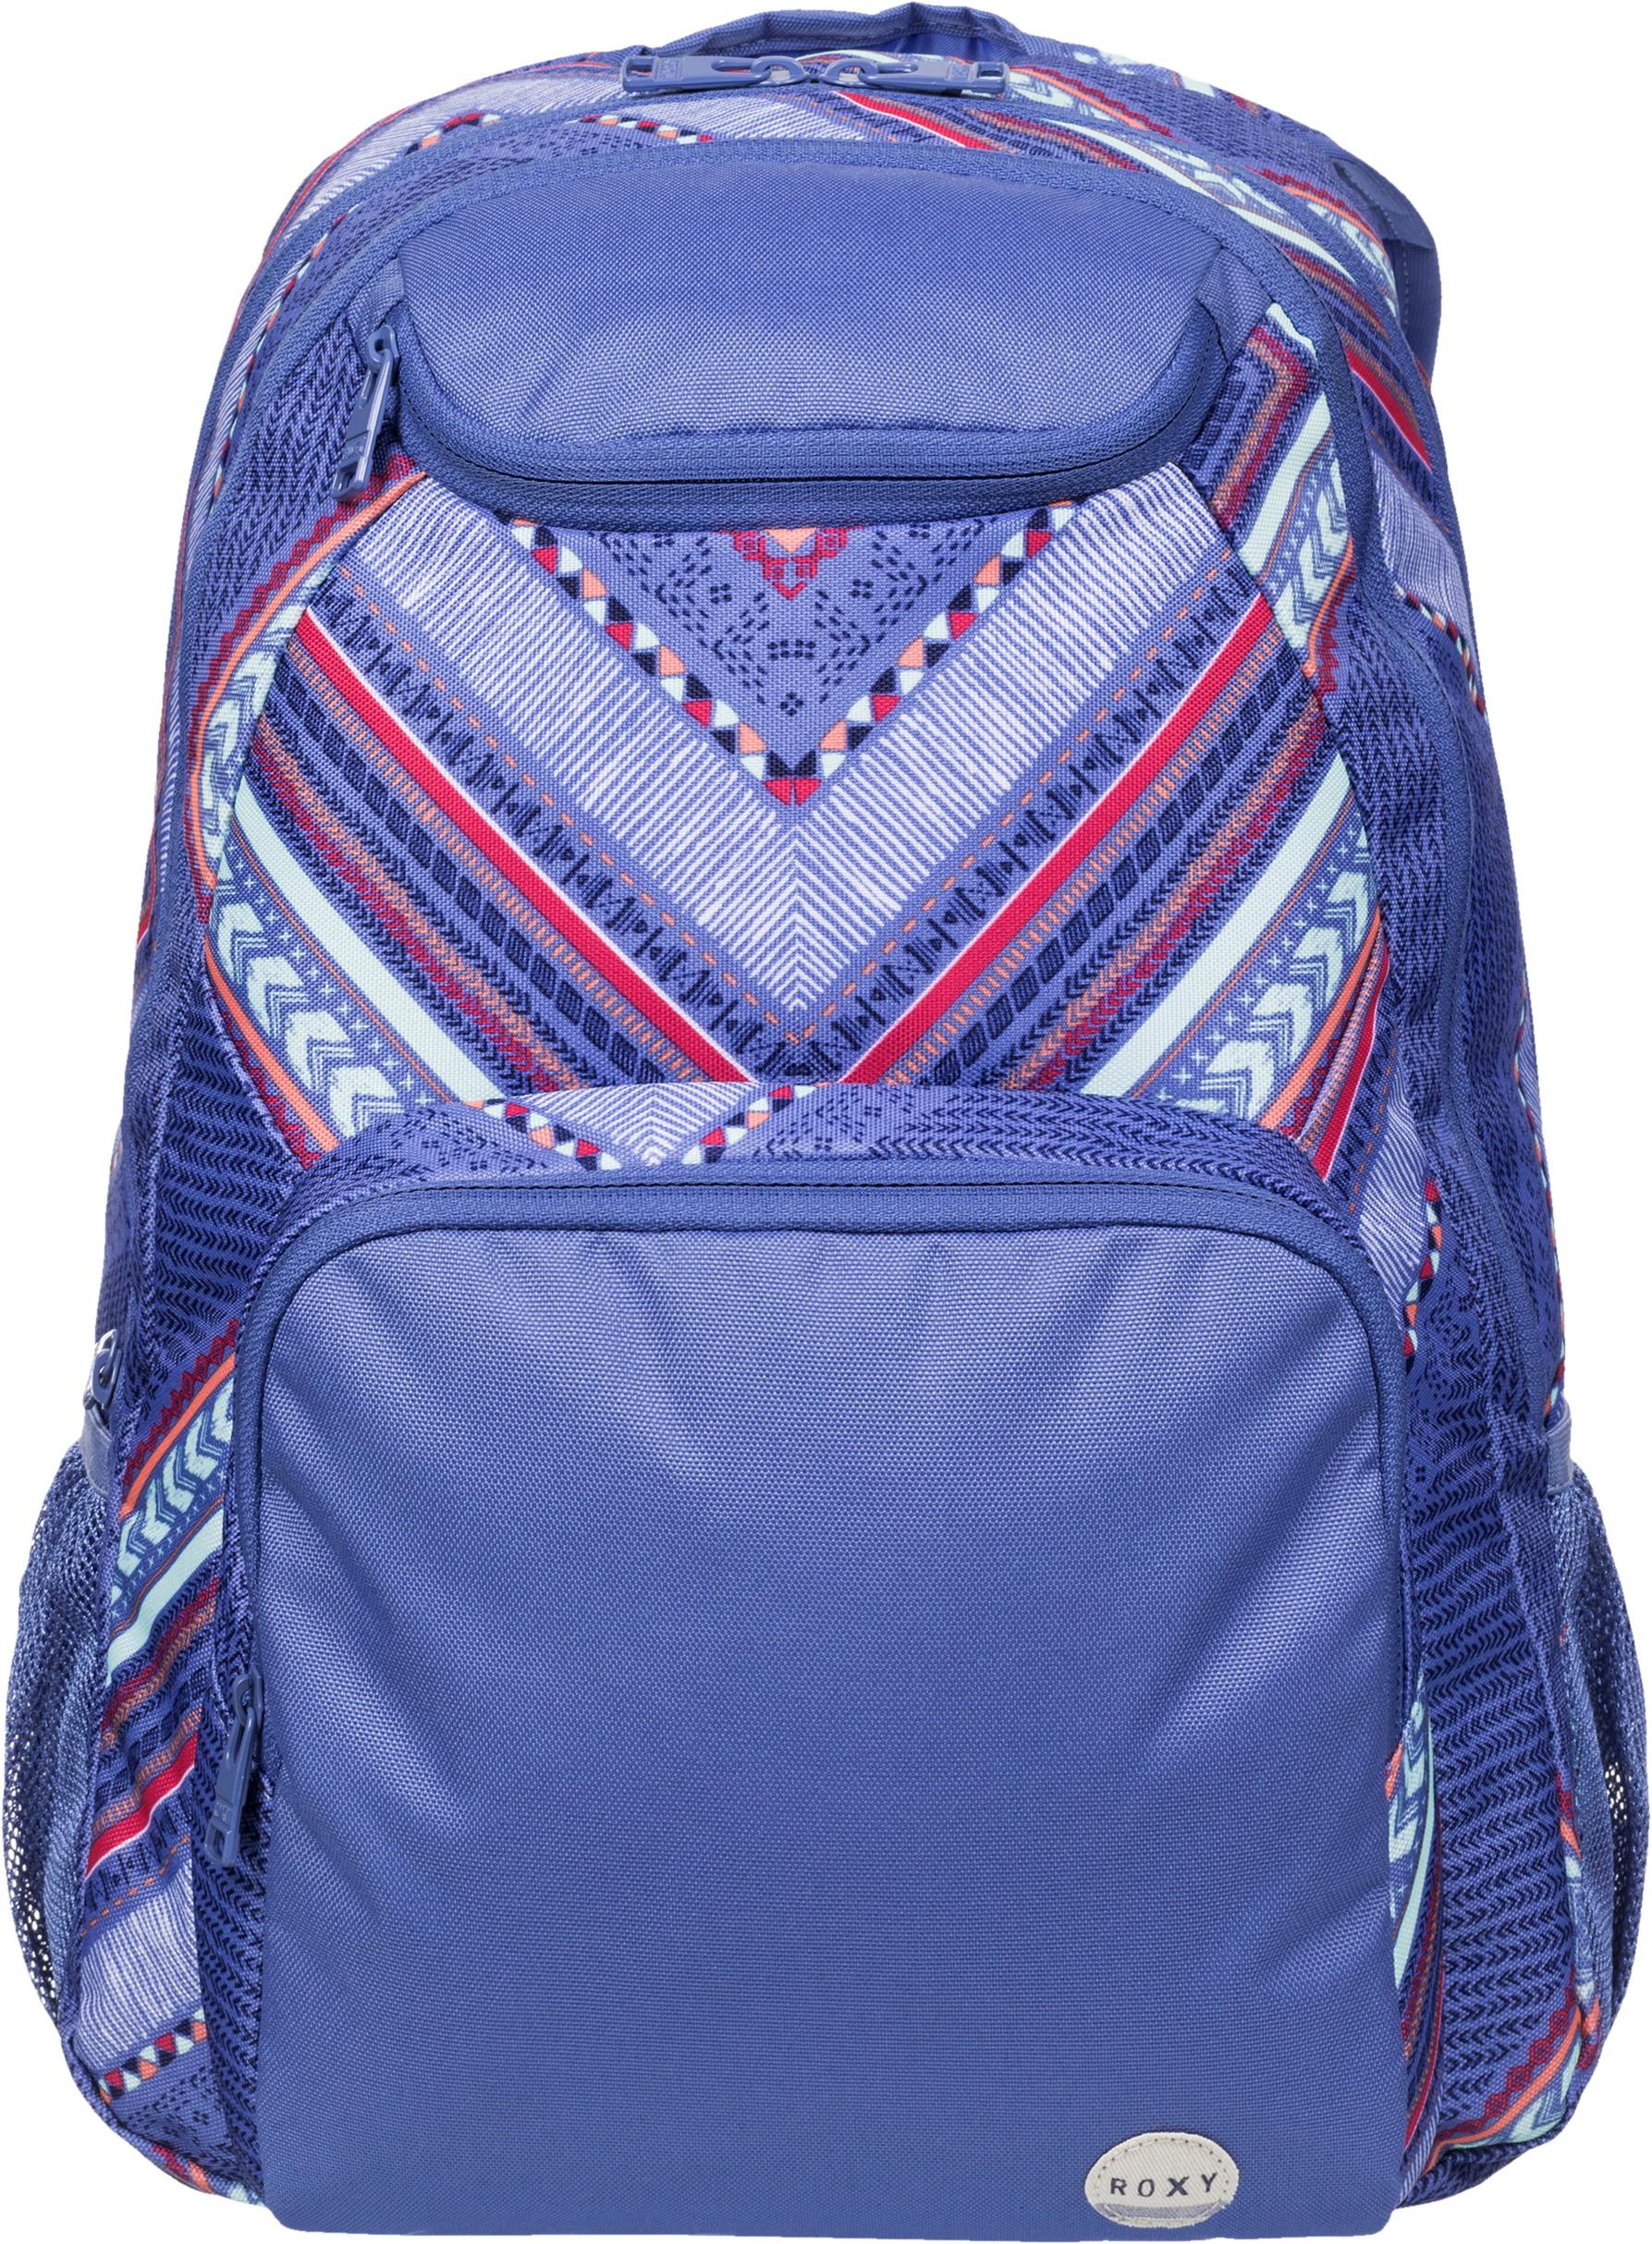 Рюкзак городской жен. Roxy ALRIGHT, цвет: синий, 25 л. ERJBP03162-PMK7